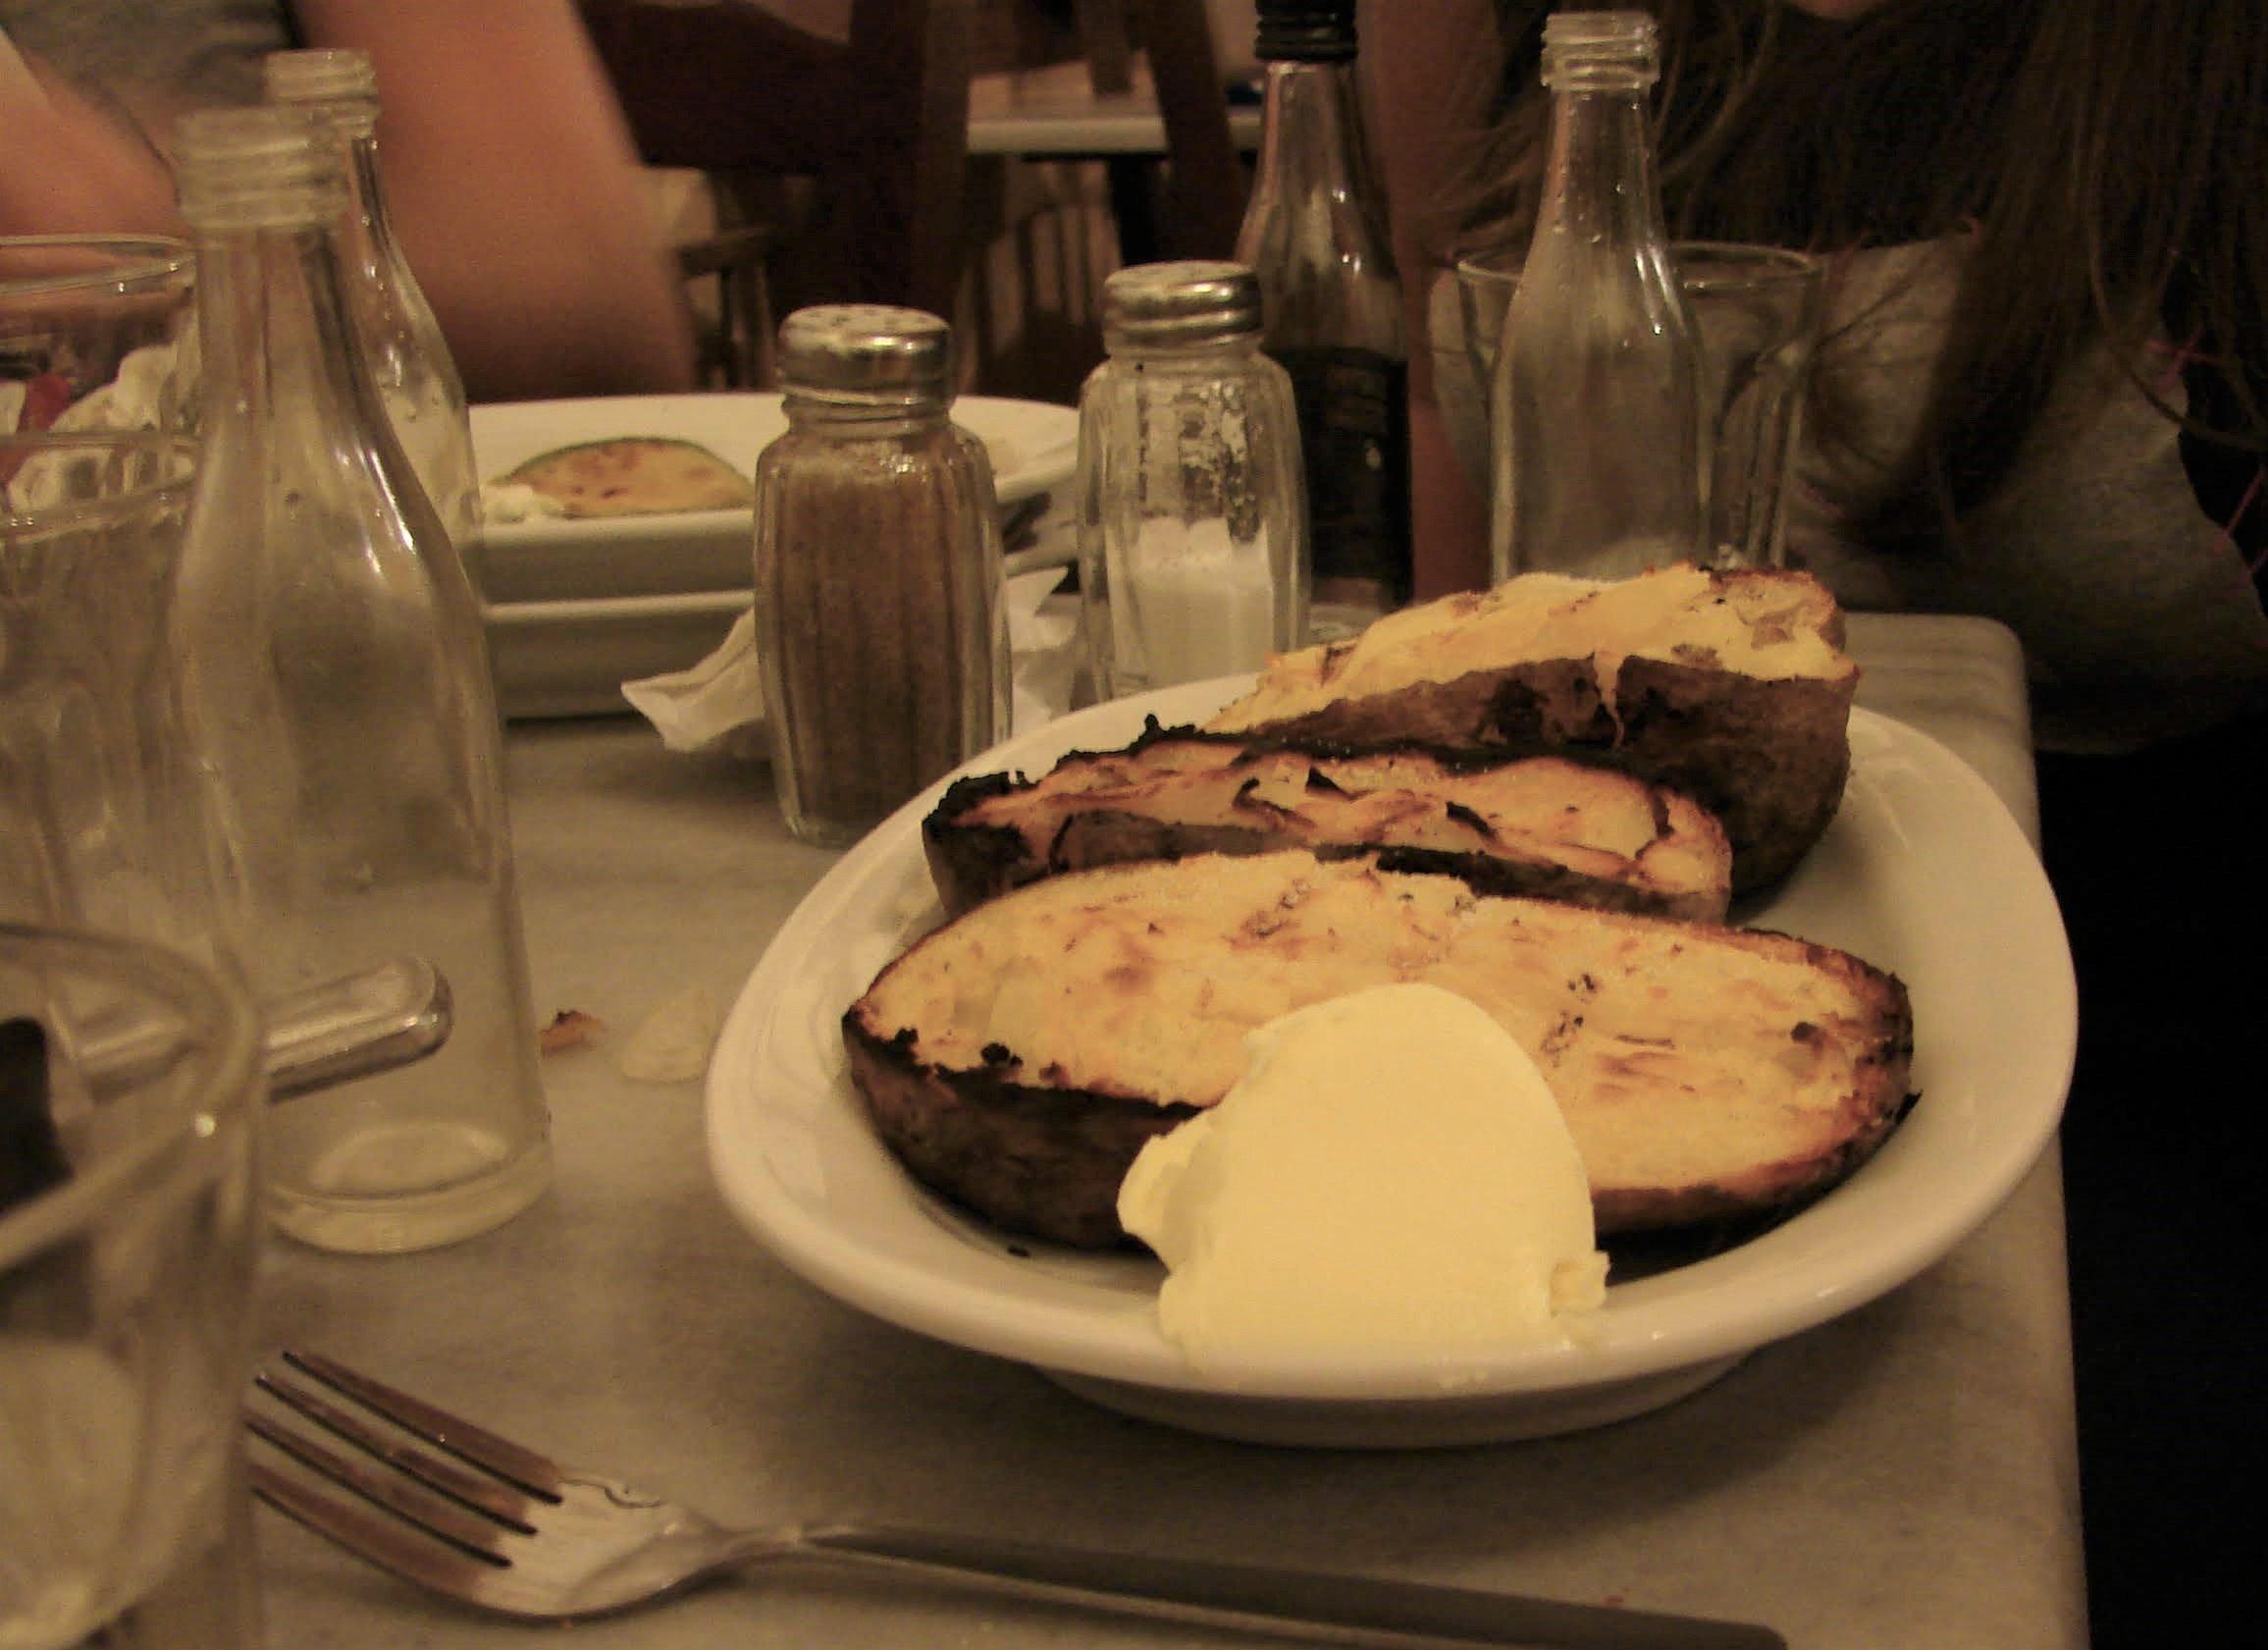 patata e burro come antipasto greco da accompagnare con tsipouro